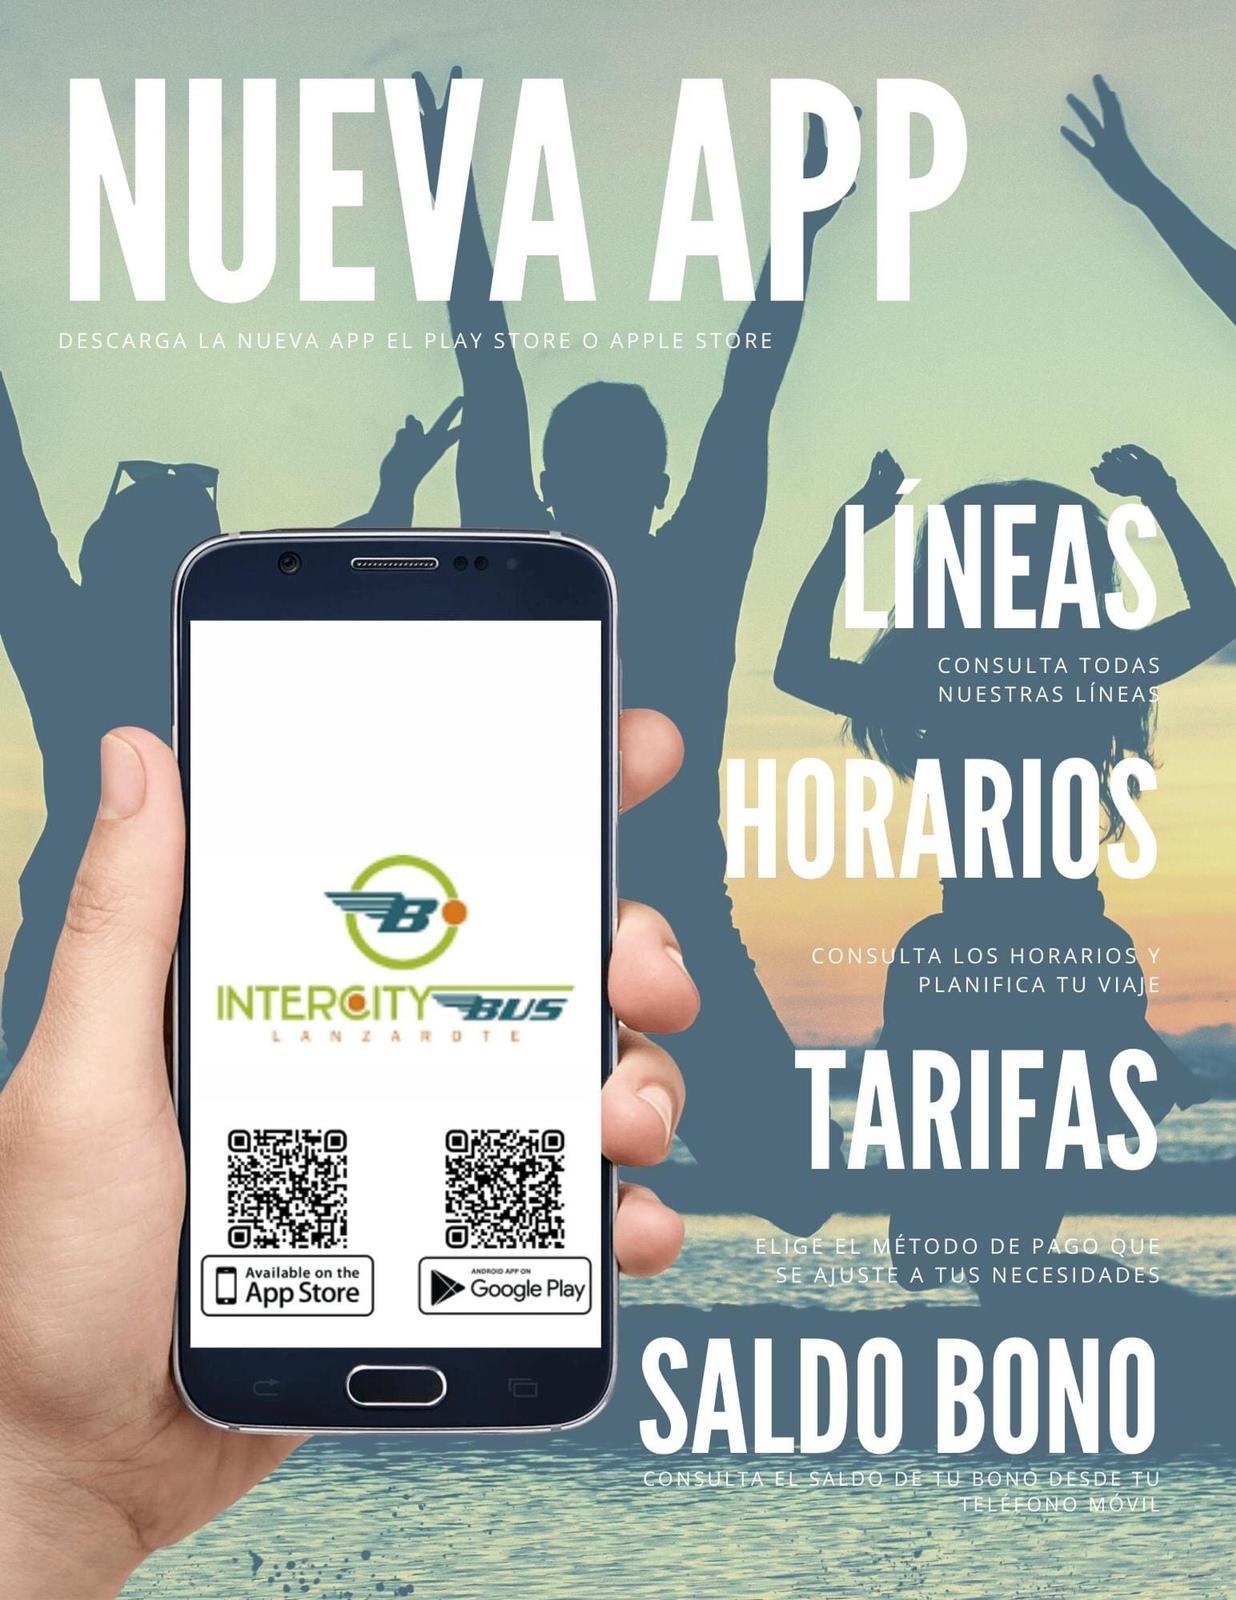 El Cabildo lanza una nueva aplicación móvil gratuita para el transporte público interurbano